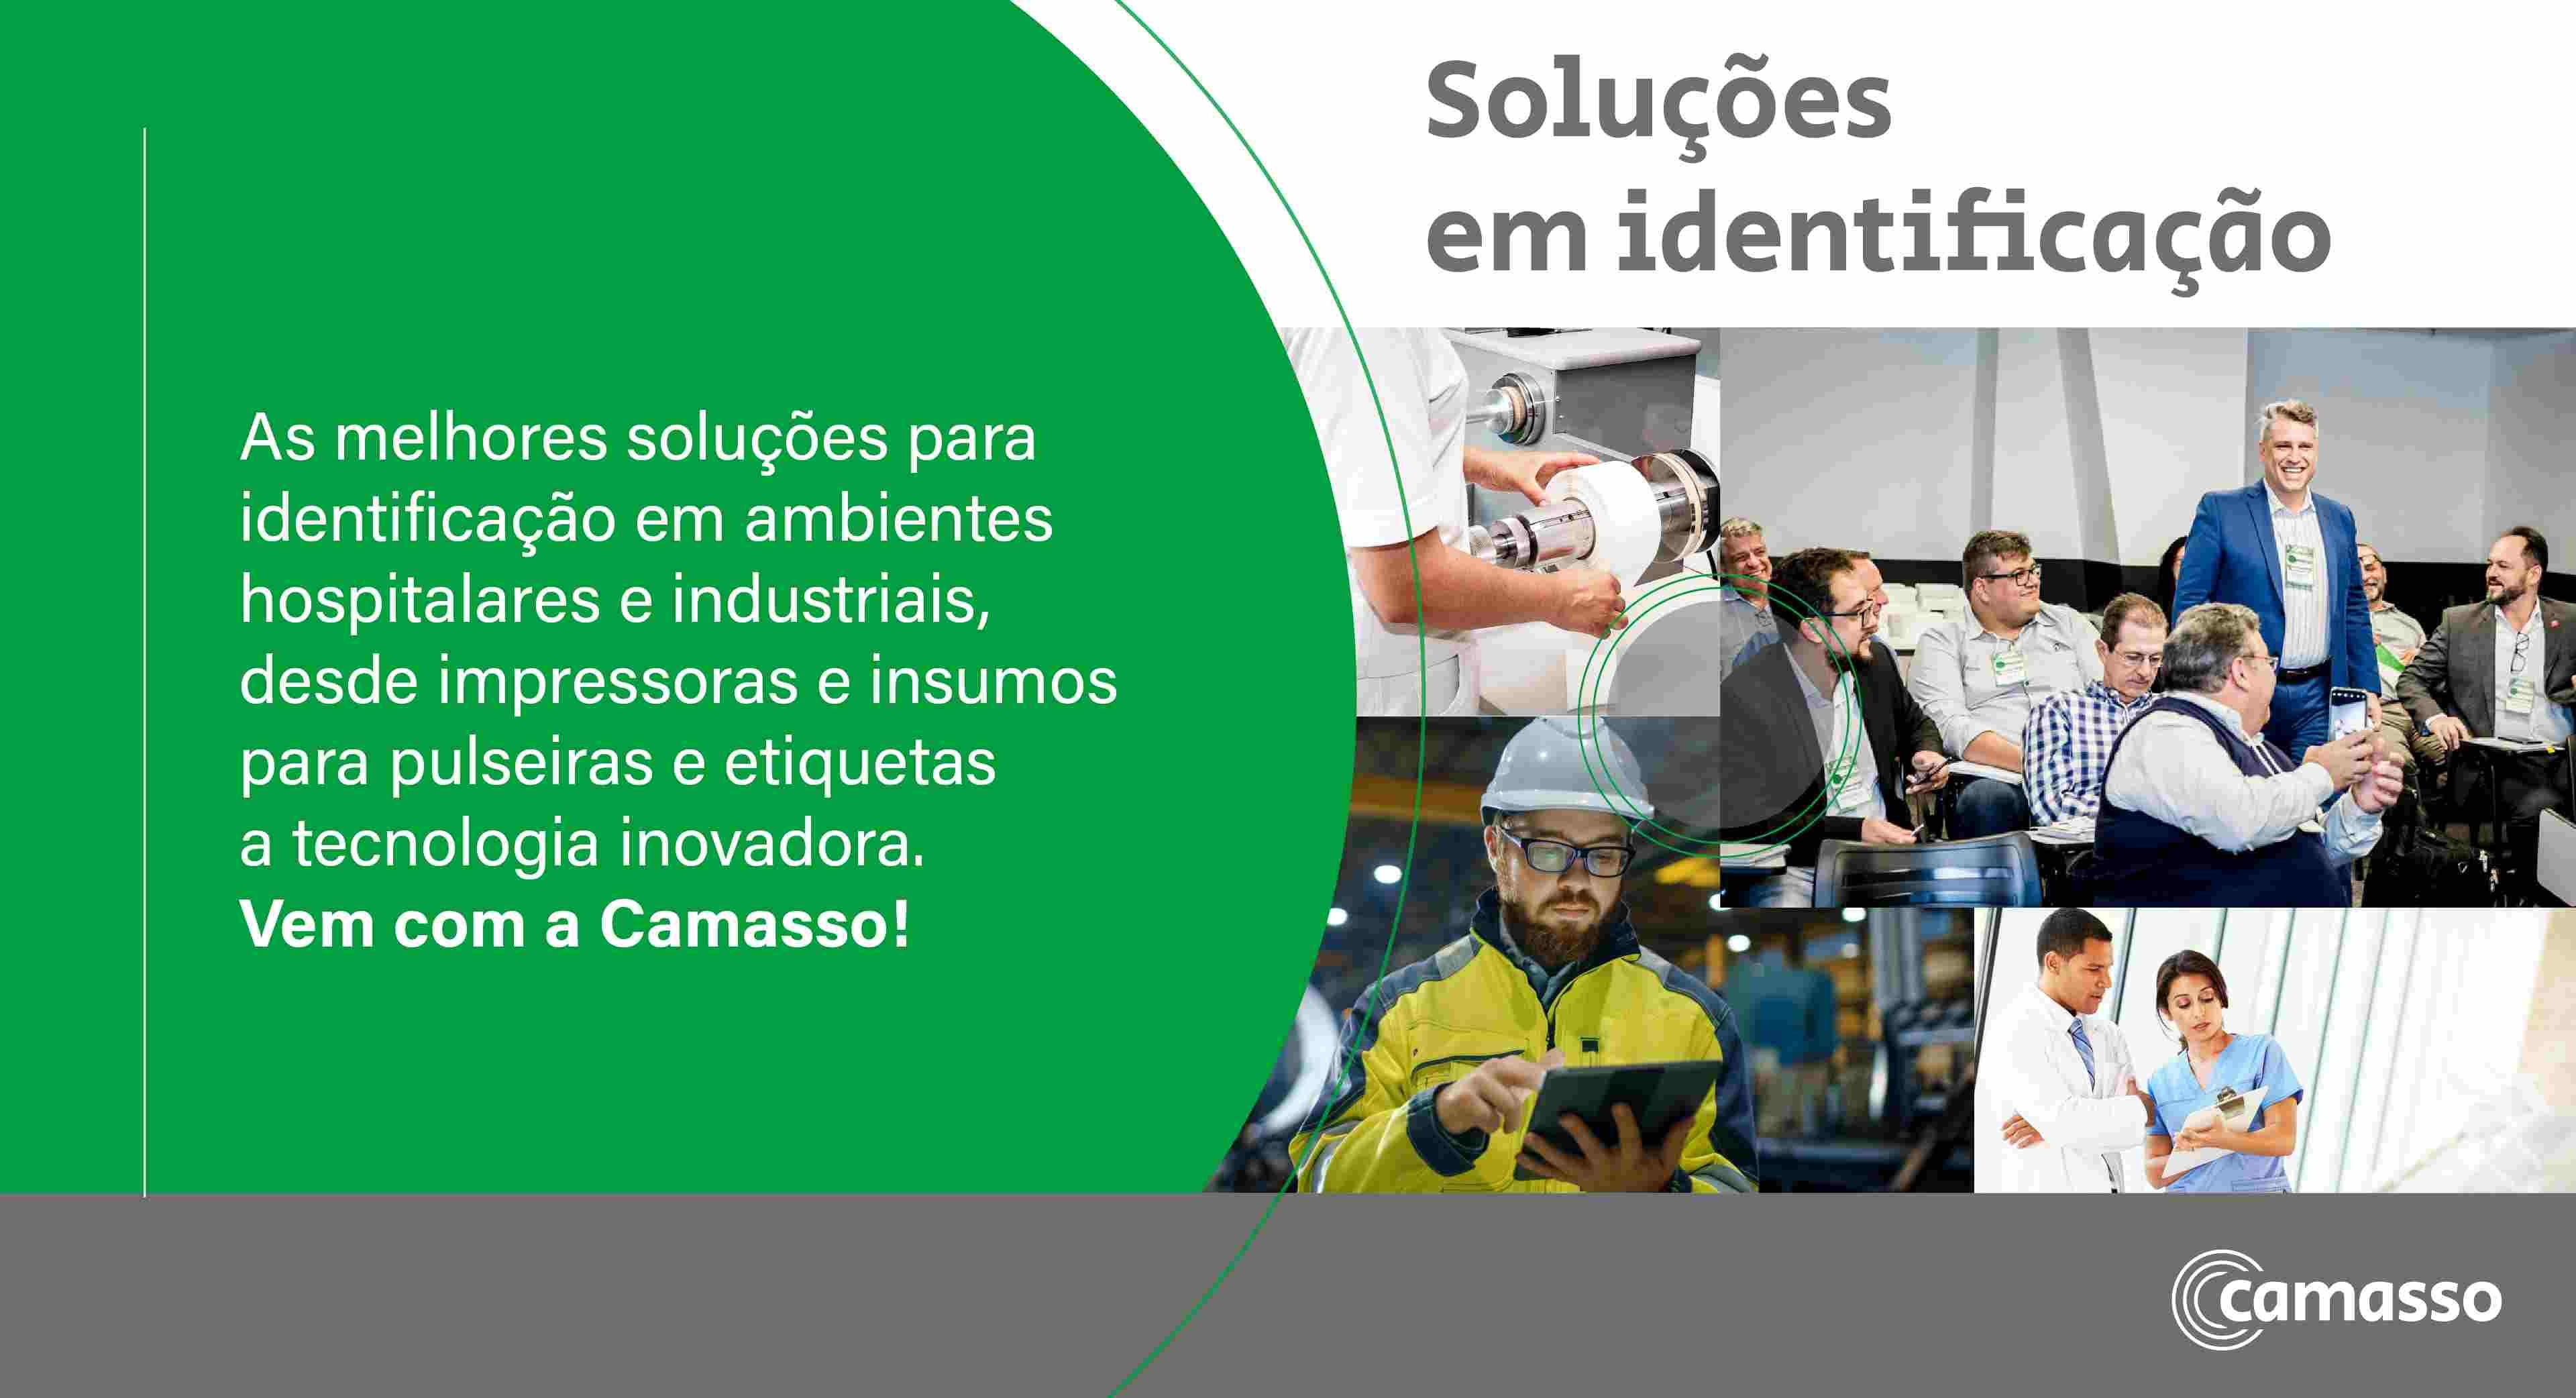 Soluções em identificação